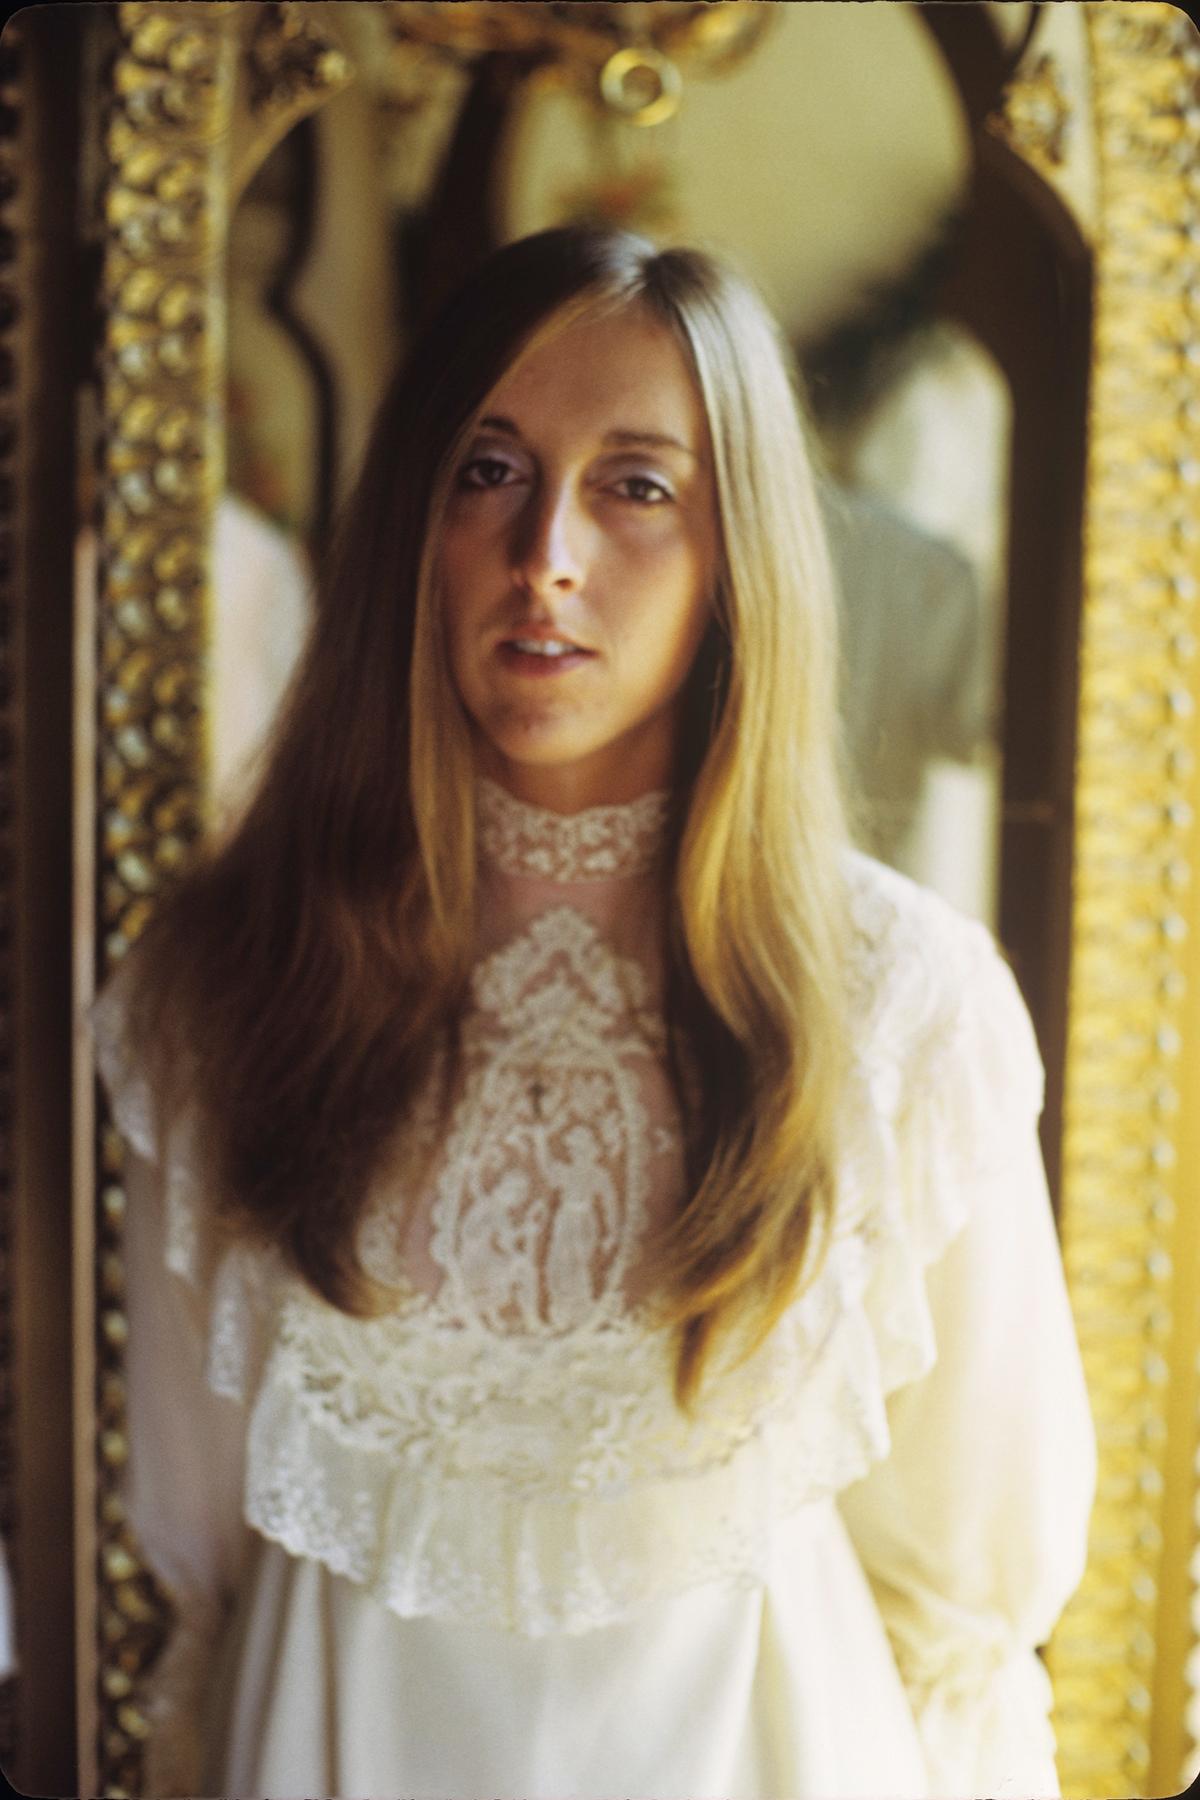 judee sill august 1971